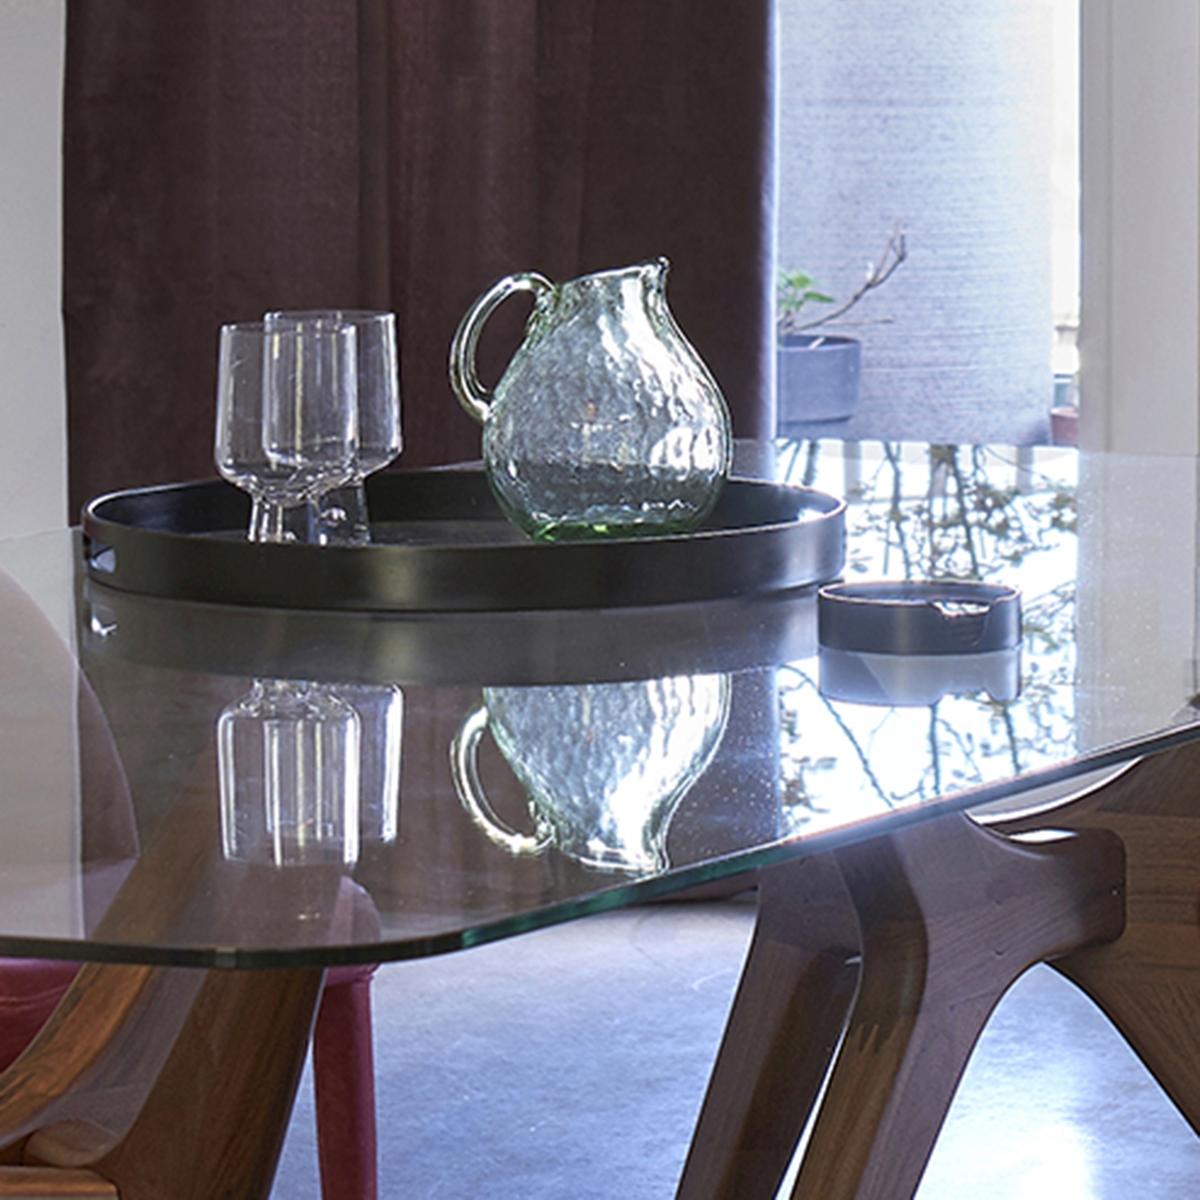 Caraffa in vetro soffiato, Galindo